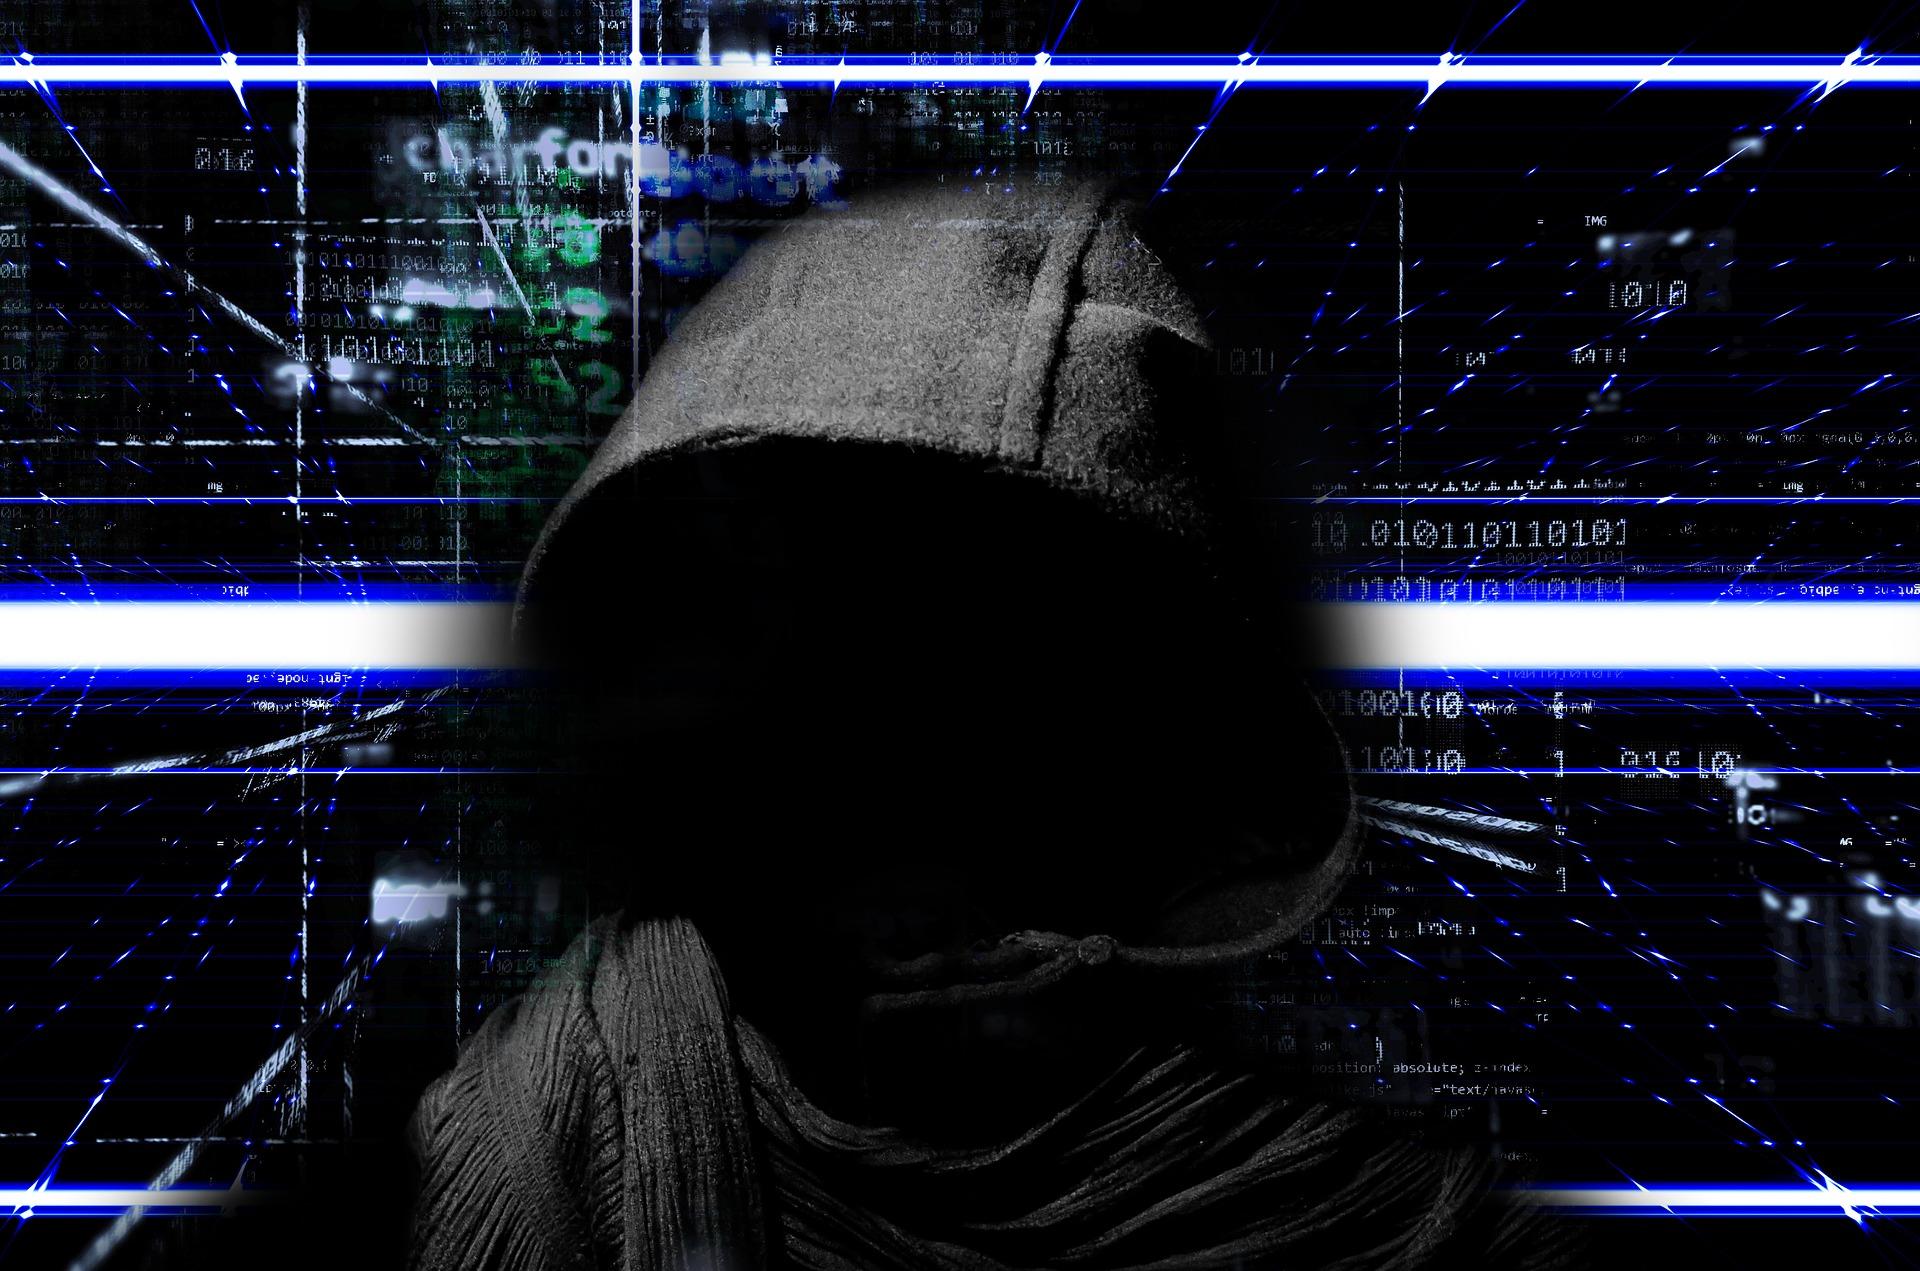 북한 해킹 조직, 3억 달러 이상의 암호화폐 탈취 의혹